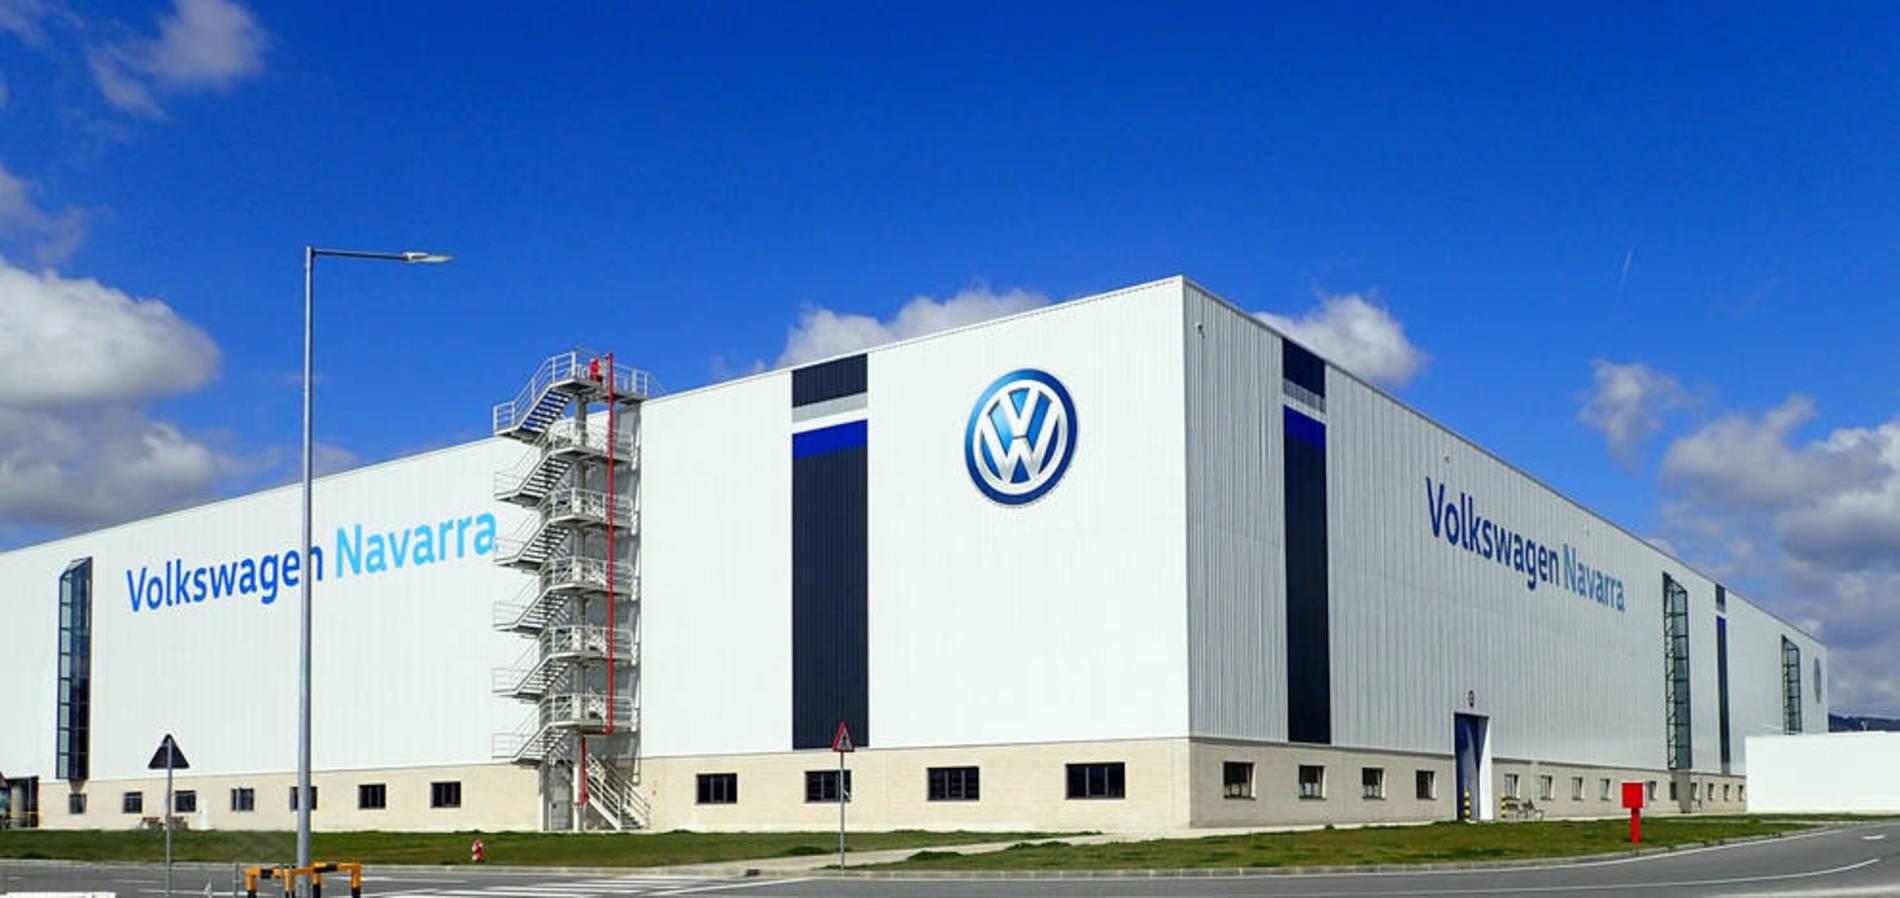 Nueva nave de Chapistería de Volkswagen Navarra (1/4) - Volkswagen Navarra ha estrenado una nave de Chapistería tras una inversión de 117,2 millones de euros. En 32.000 metros cuadrados, contiene 366 robots y alberga el primer paso del proceso productivo del nuevo Volkswagen Polo: la fabricación del bastidor del vehículo. - DN Management -